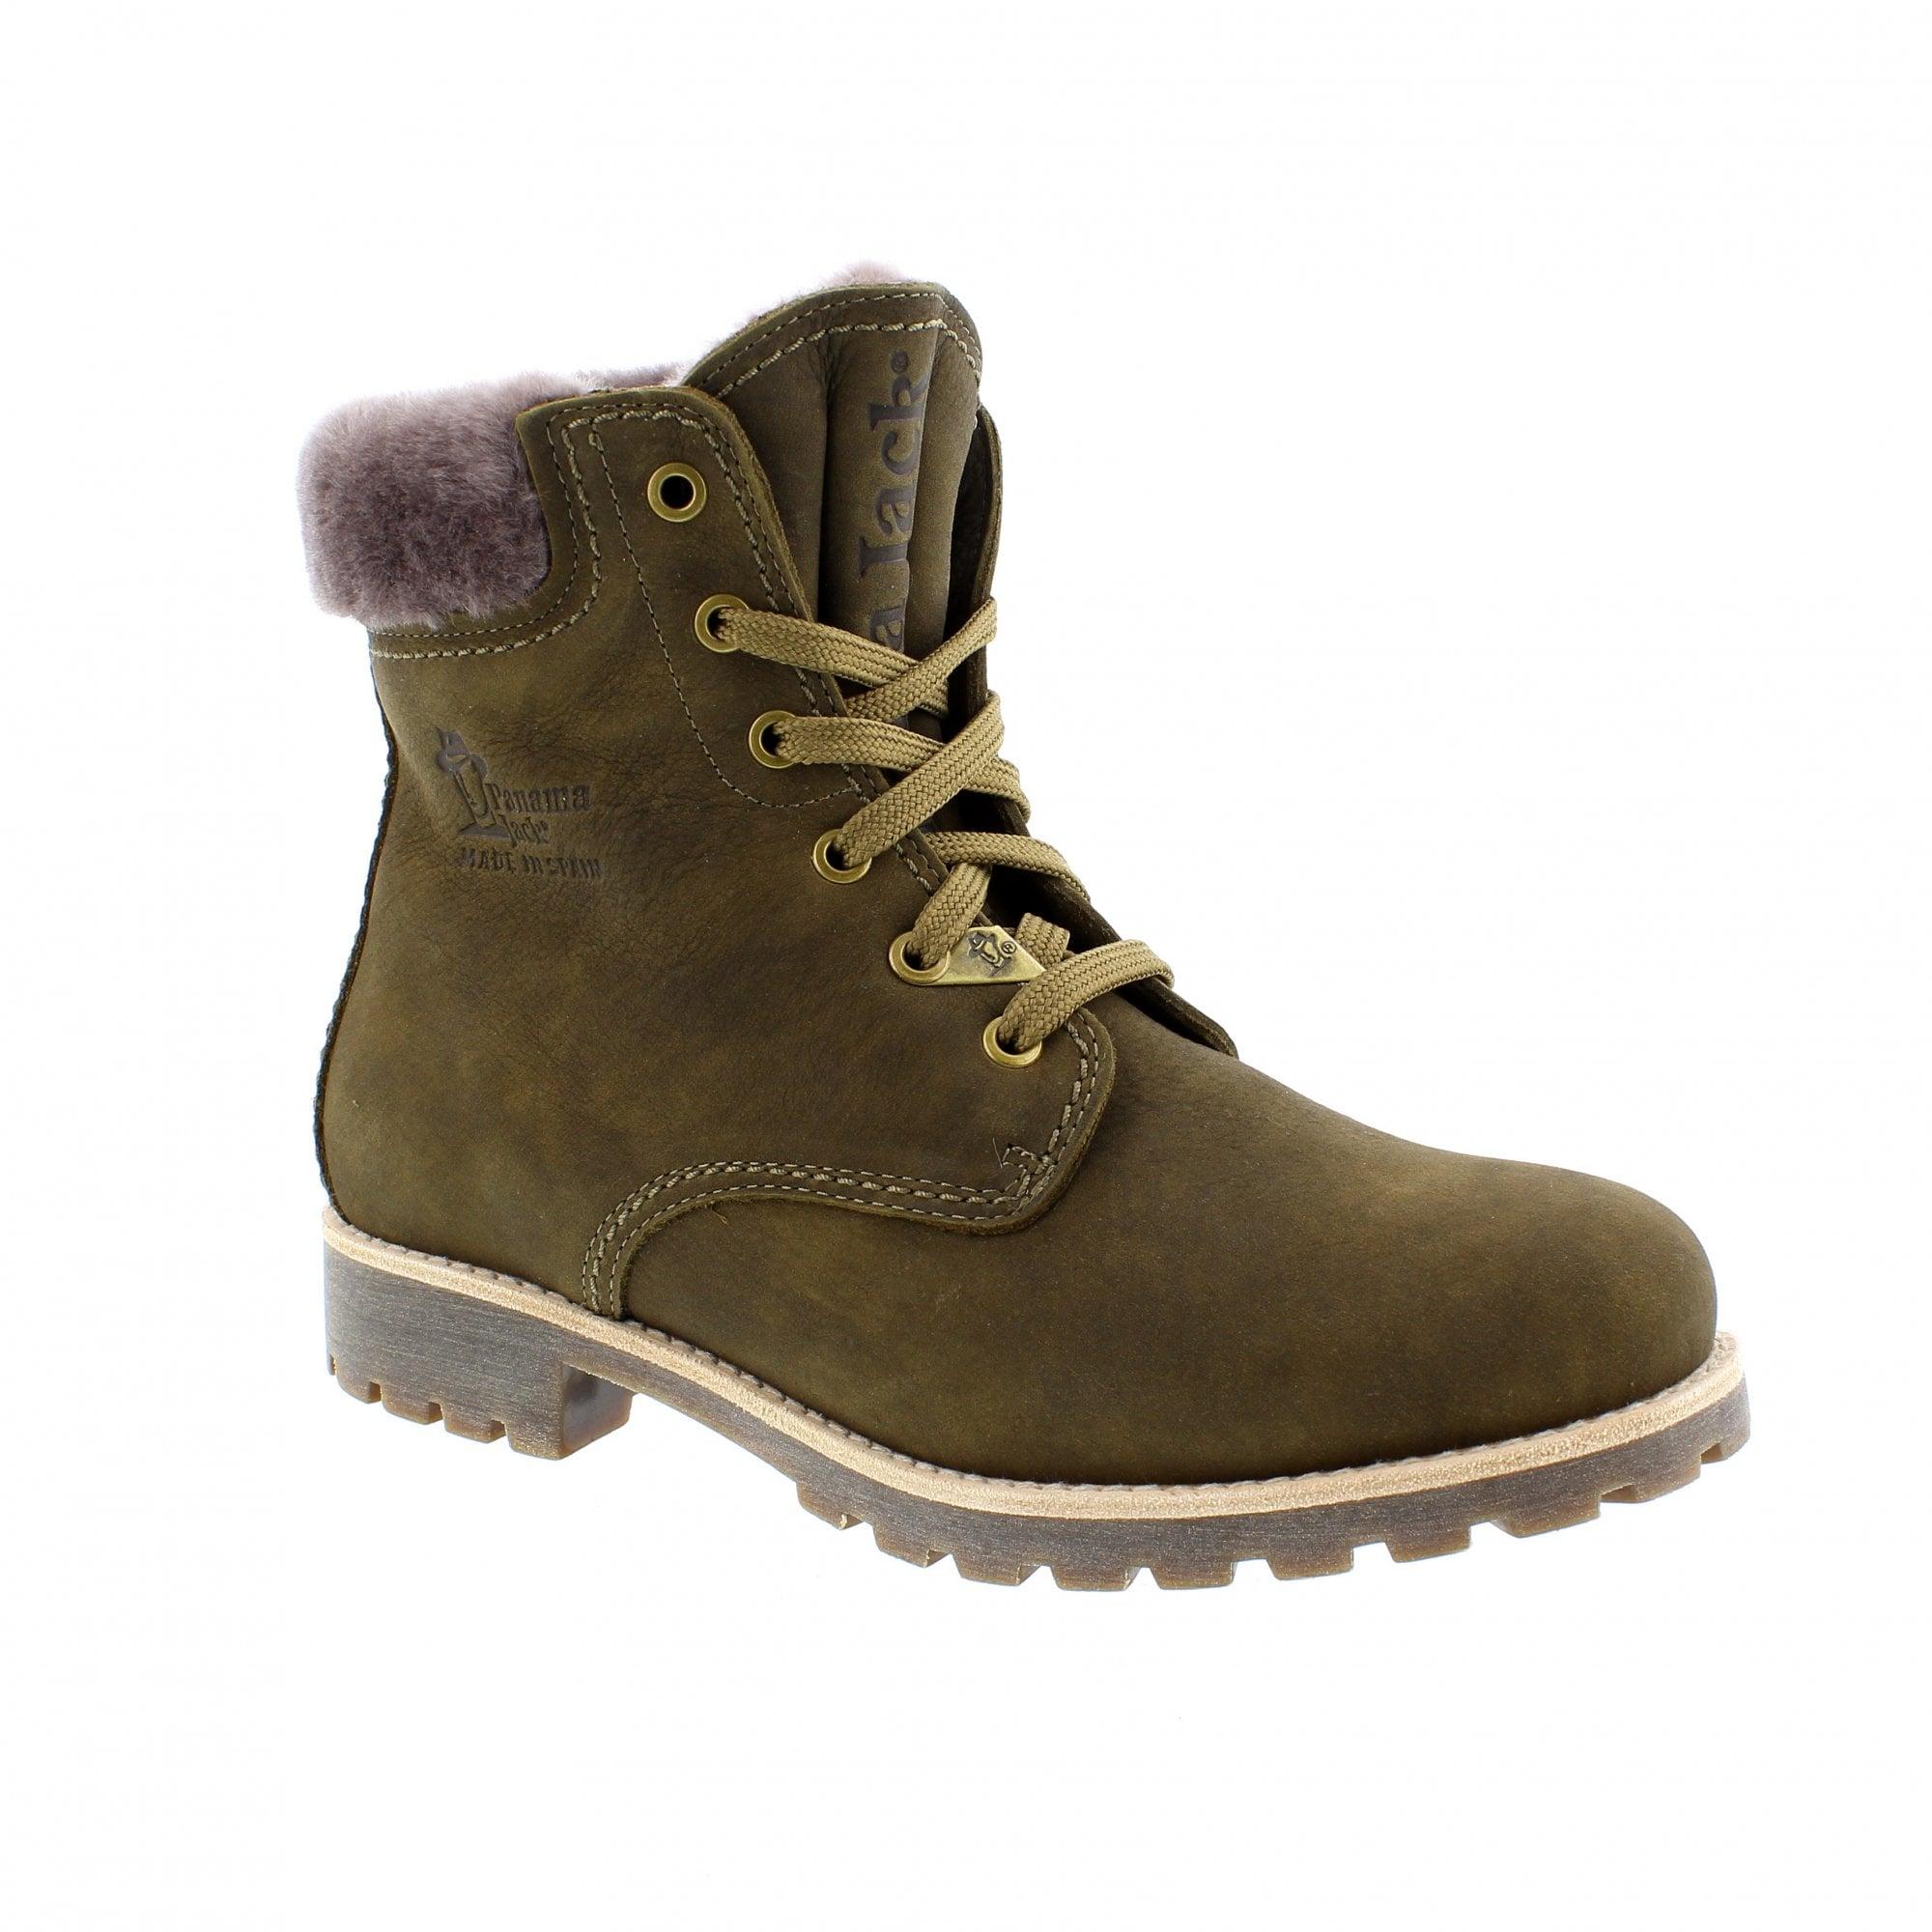 c0c1c8a067a Panama Jack Panama 03 Igloo Khaki Womens Ankle Boots